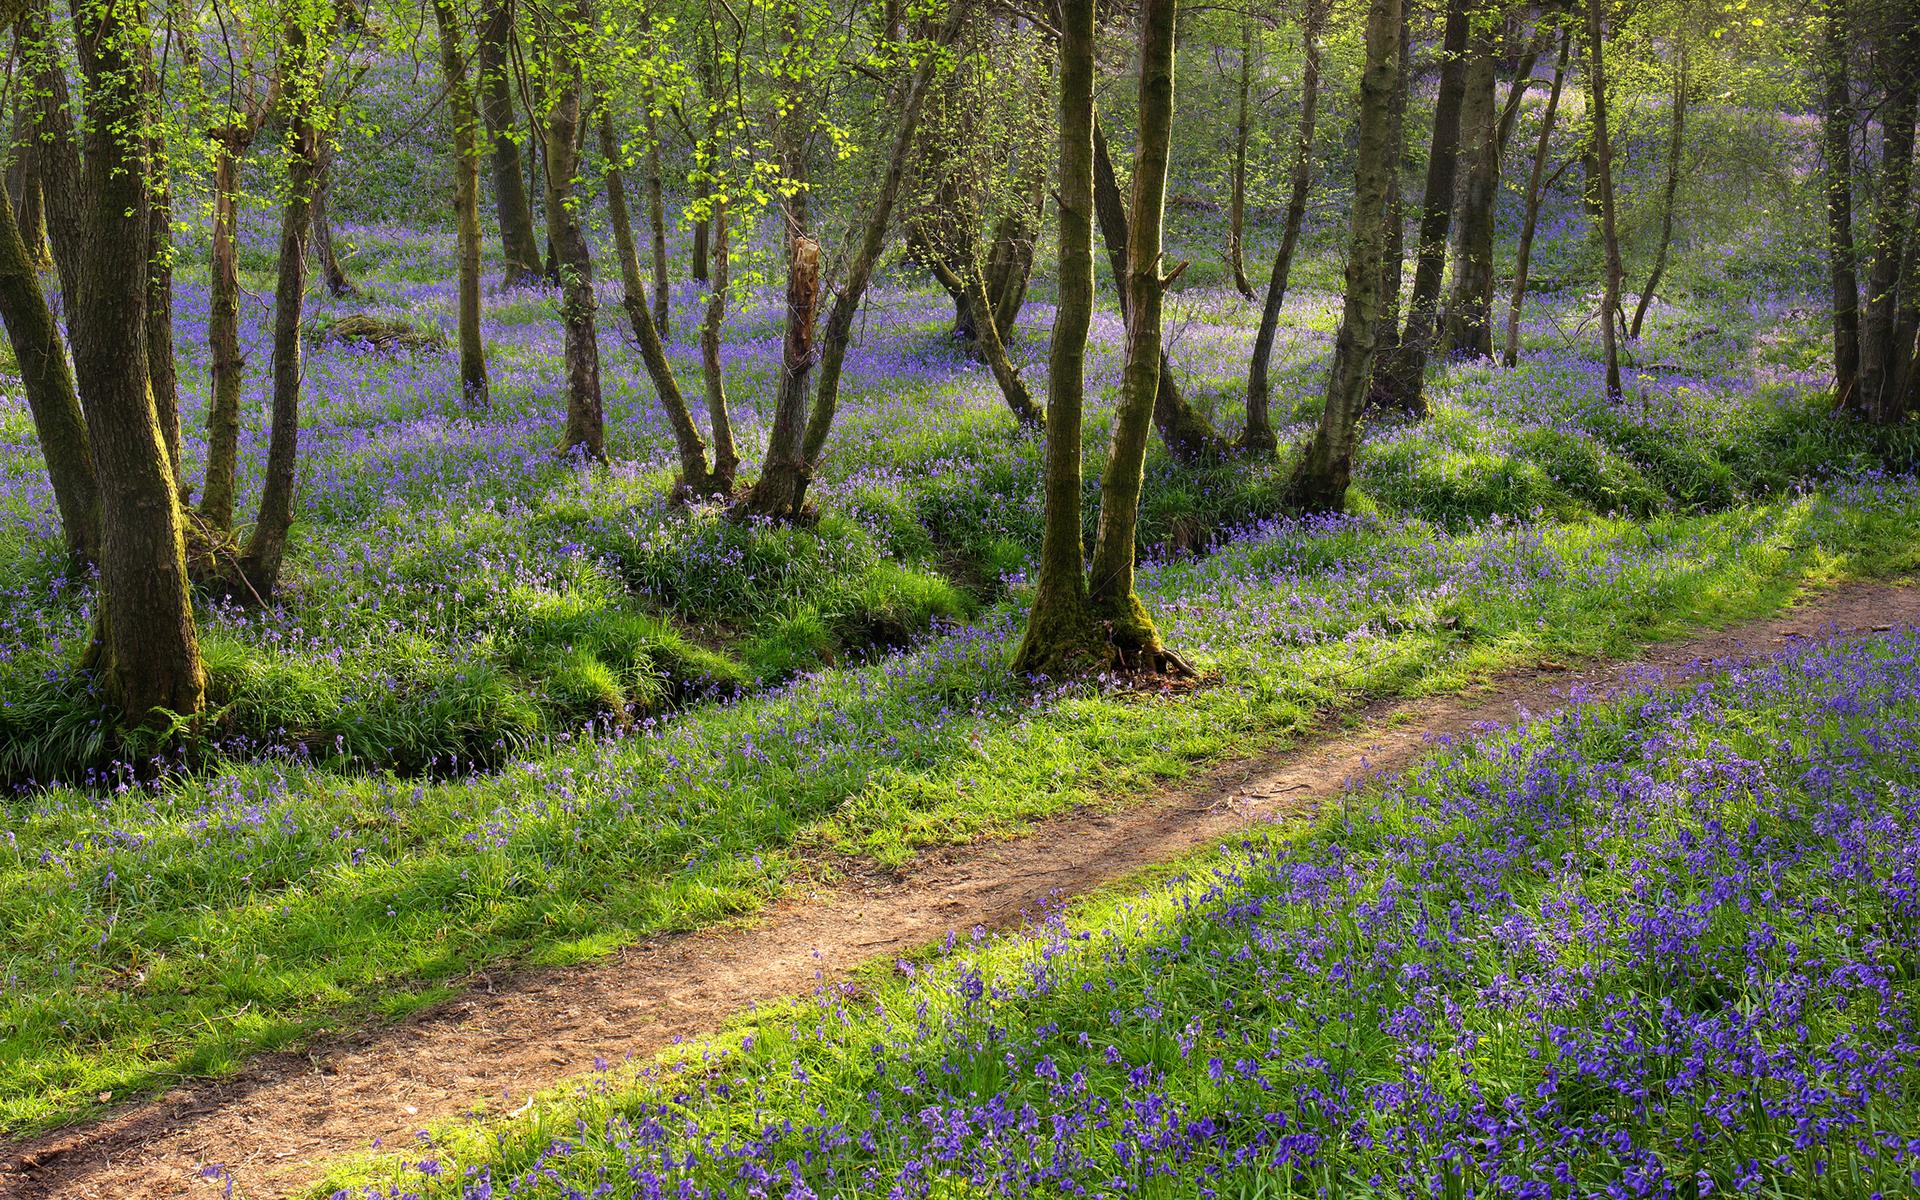 фотообои поздняя весна лес фотографией этой транспортной